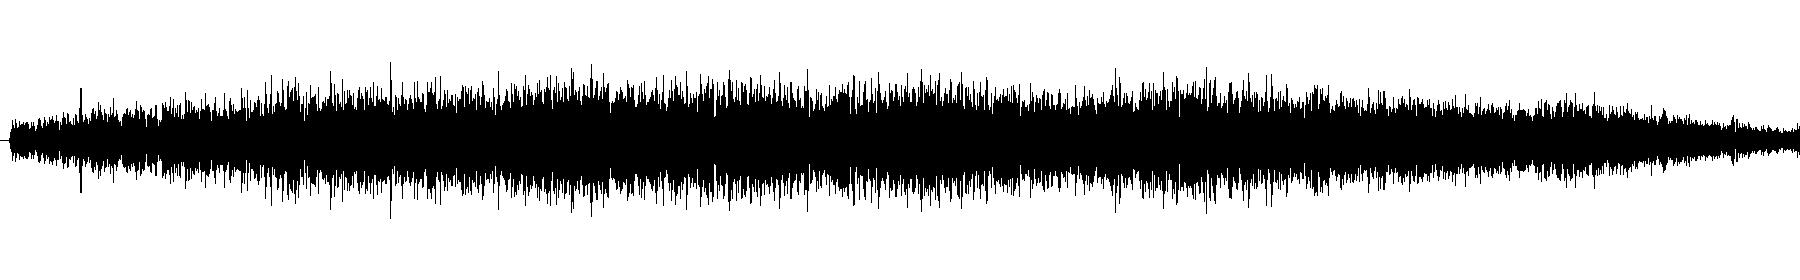 tfx texture 01